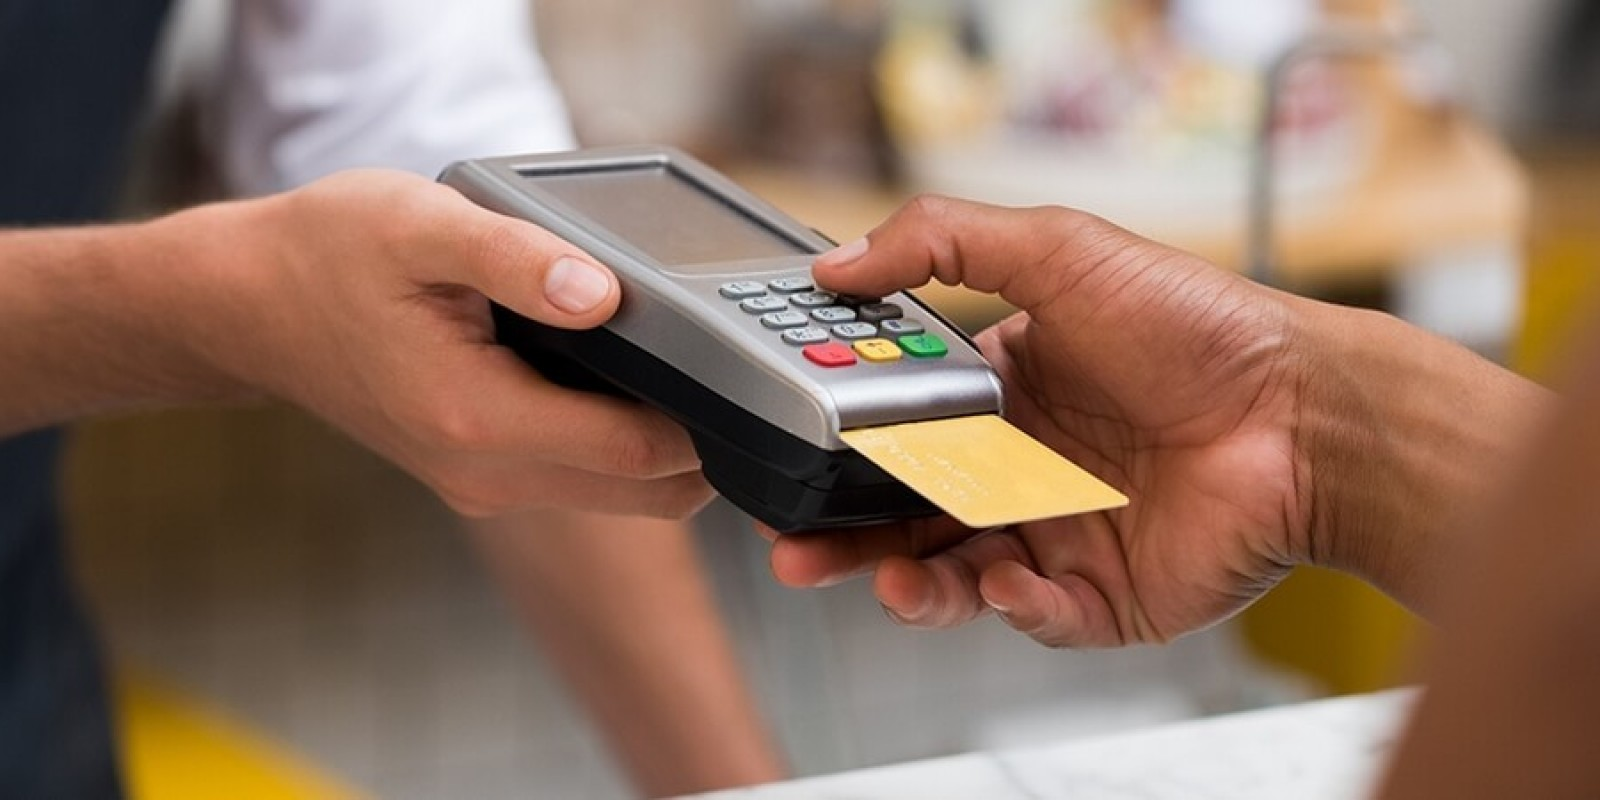 Máquinas de cartão devem ser higienizadas após uso para combater o novo coronavírus